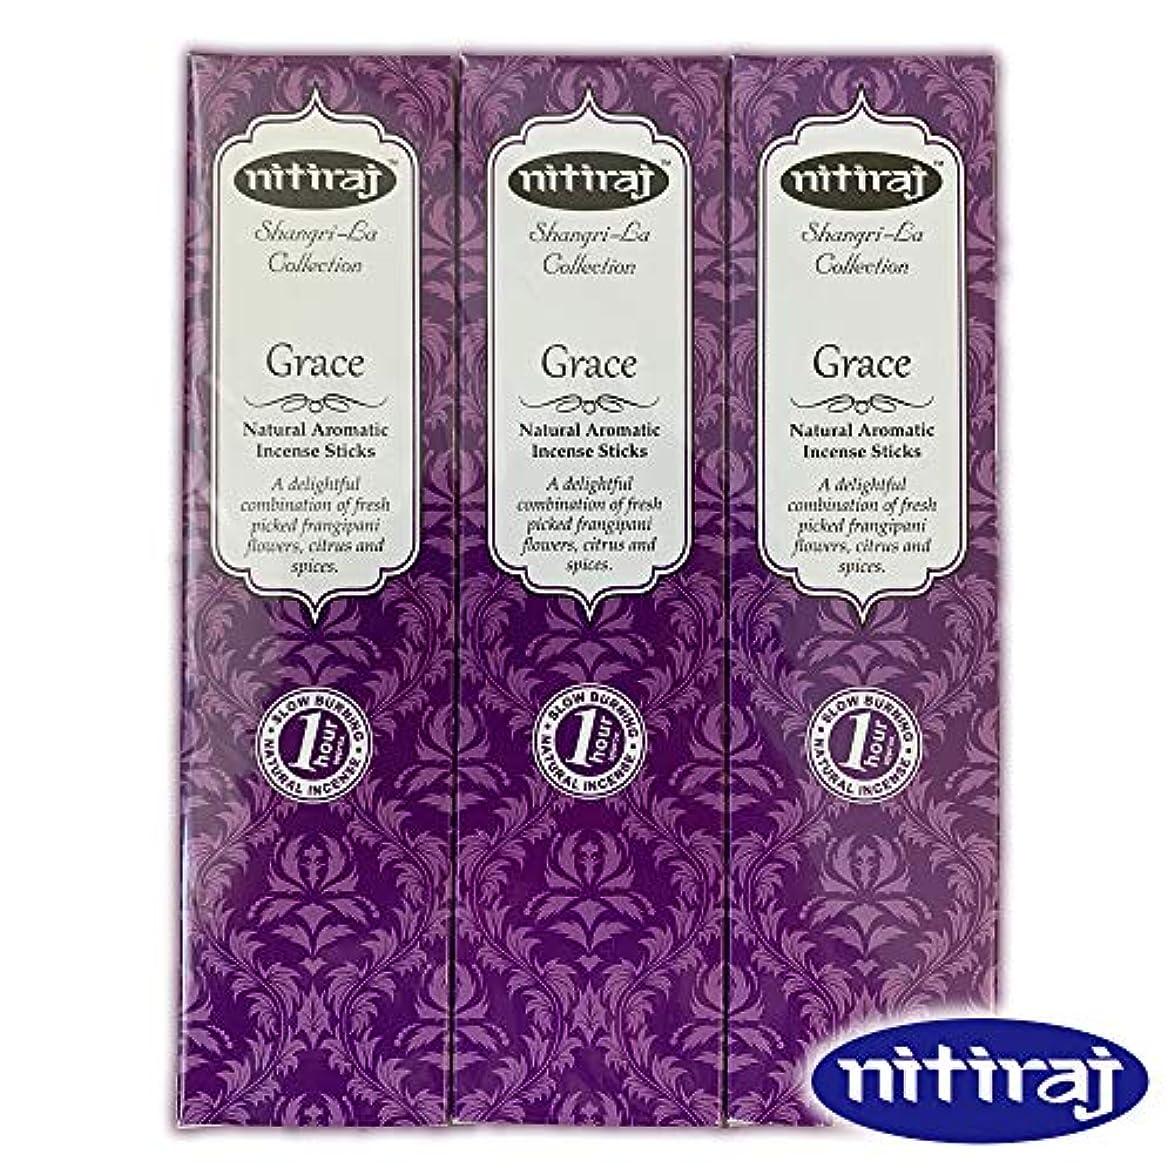 魔術言語学護衛お香 アロマインセンス Nitiraj(ニティラジ)Grace(気品) 3箱セット(30本/1箱10本入り)100%天然素材